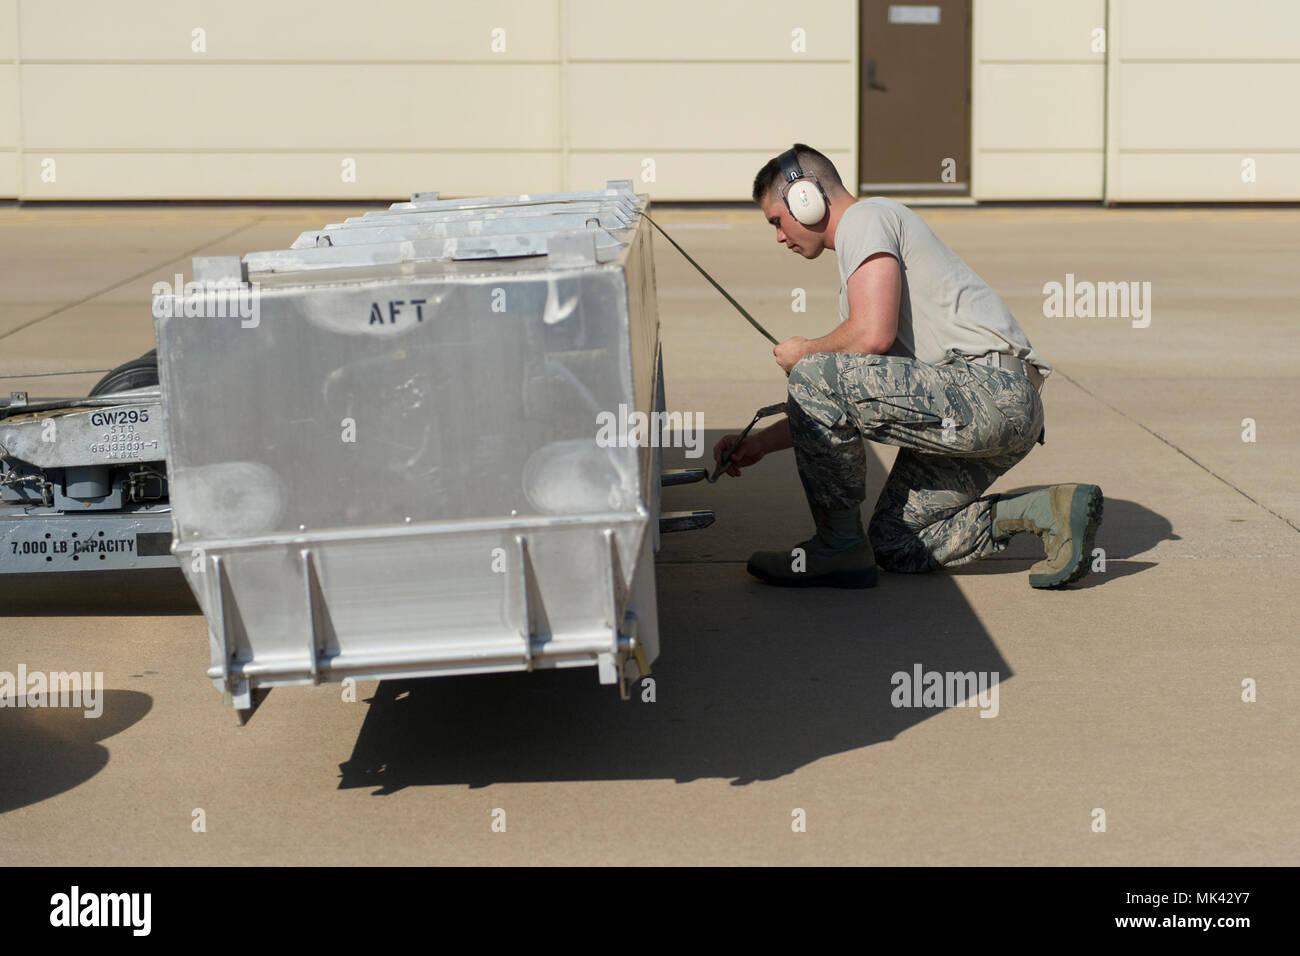 Alan Jordan Stock Photos & Alan Jordan Stock Images - Alamy